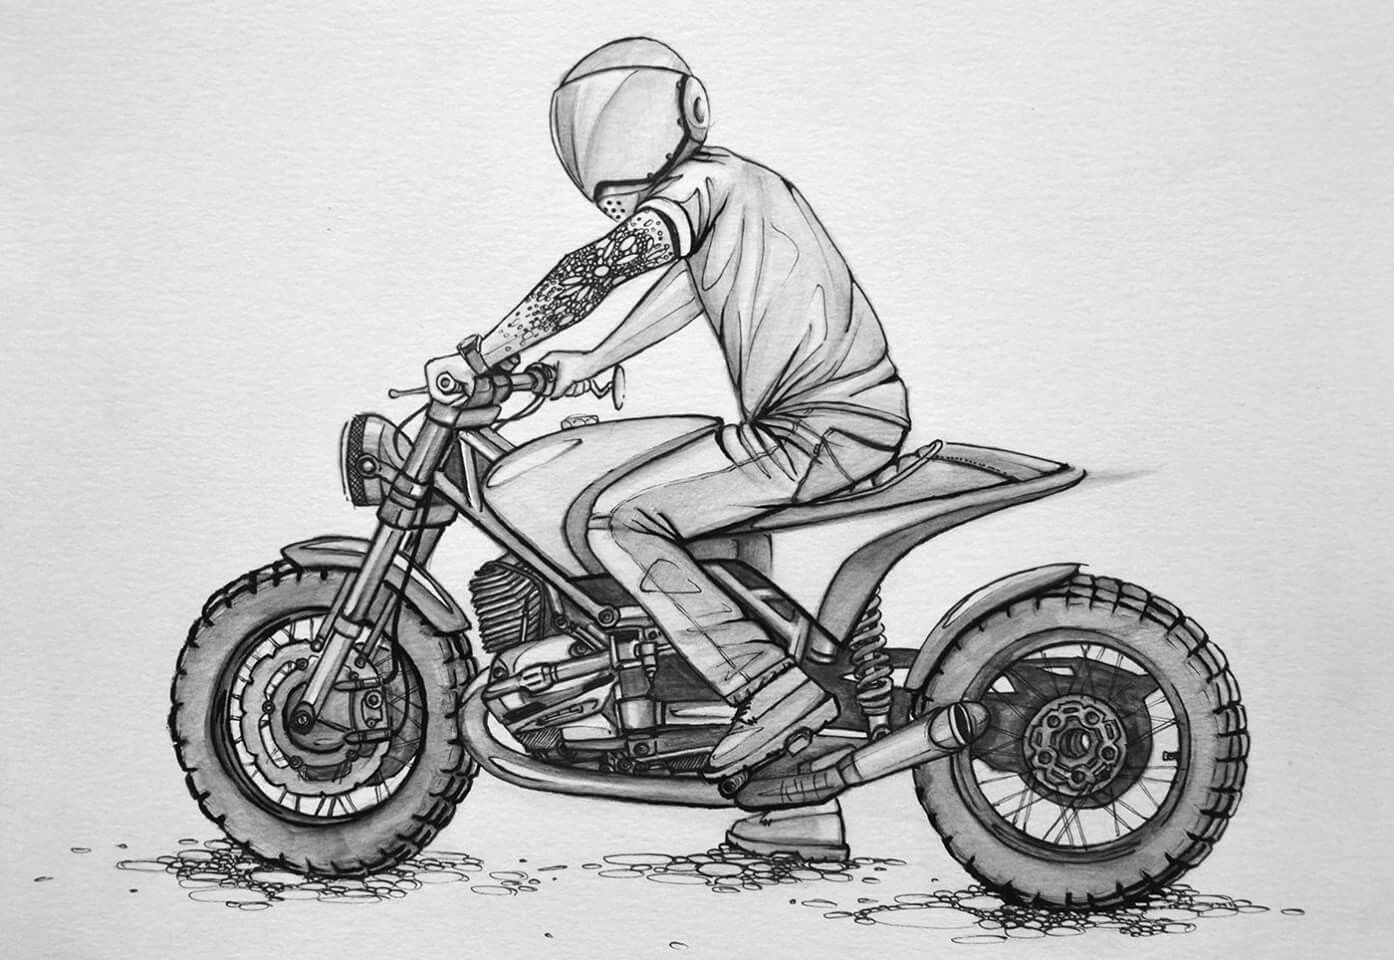 Pin by abhinav demta on motorcycle diary bike sketch motorcycle